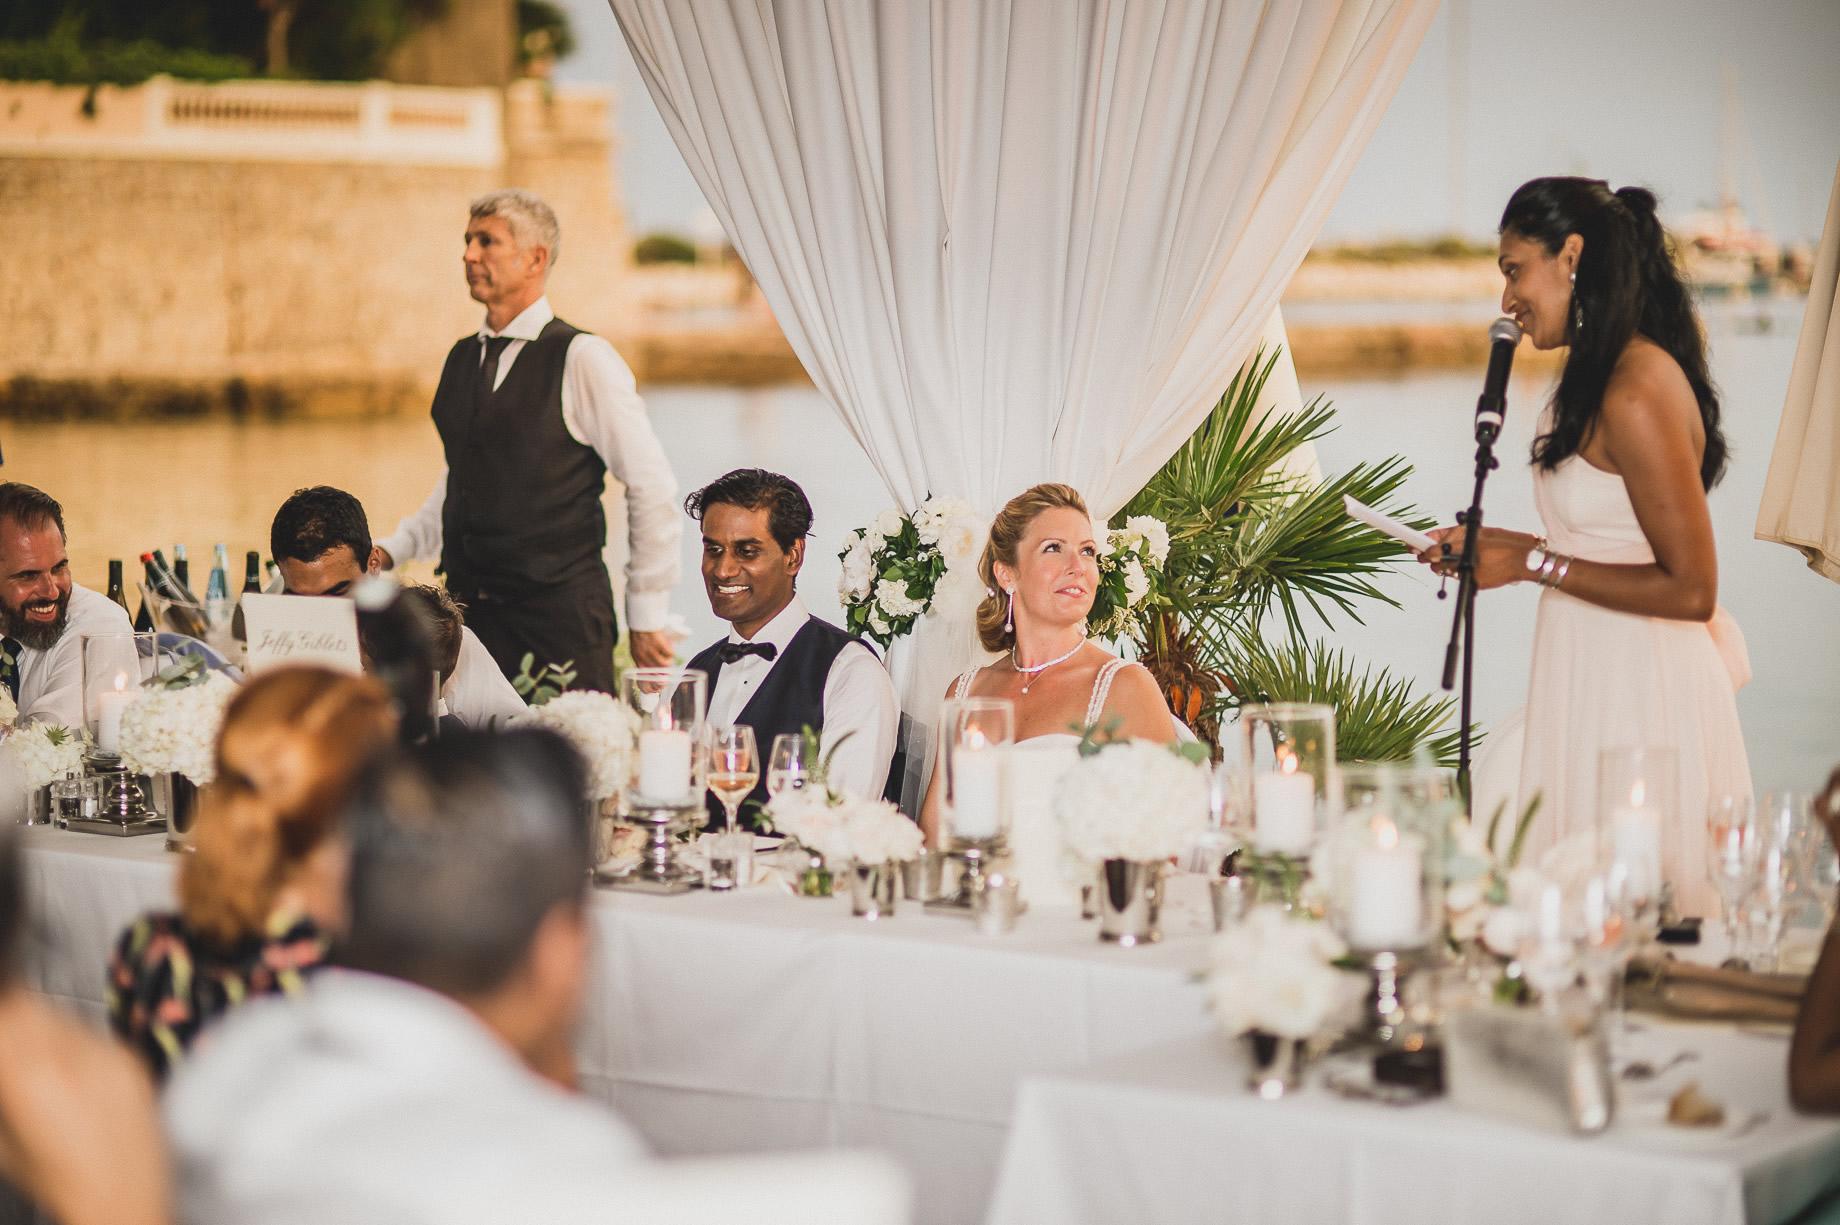 Jen and Priyan's Wedding at Hotel Belles Rives 146